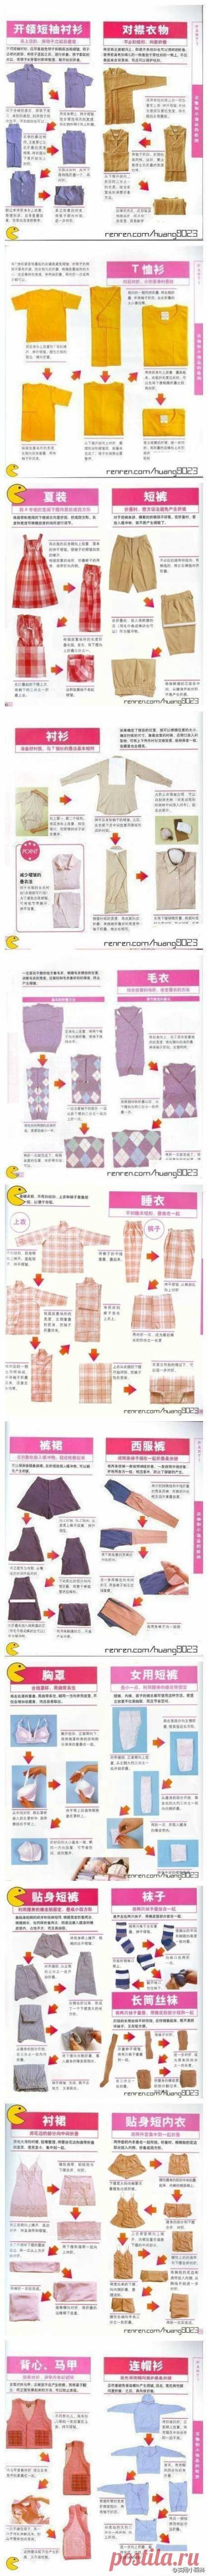 Памятка как складывать вещи / Лайфхаки / Модный сайт о стильной переделке одежды и интерьера